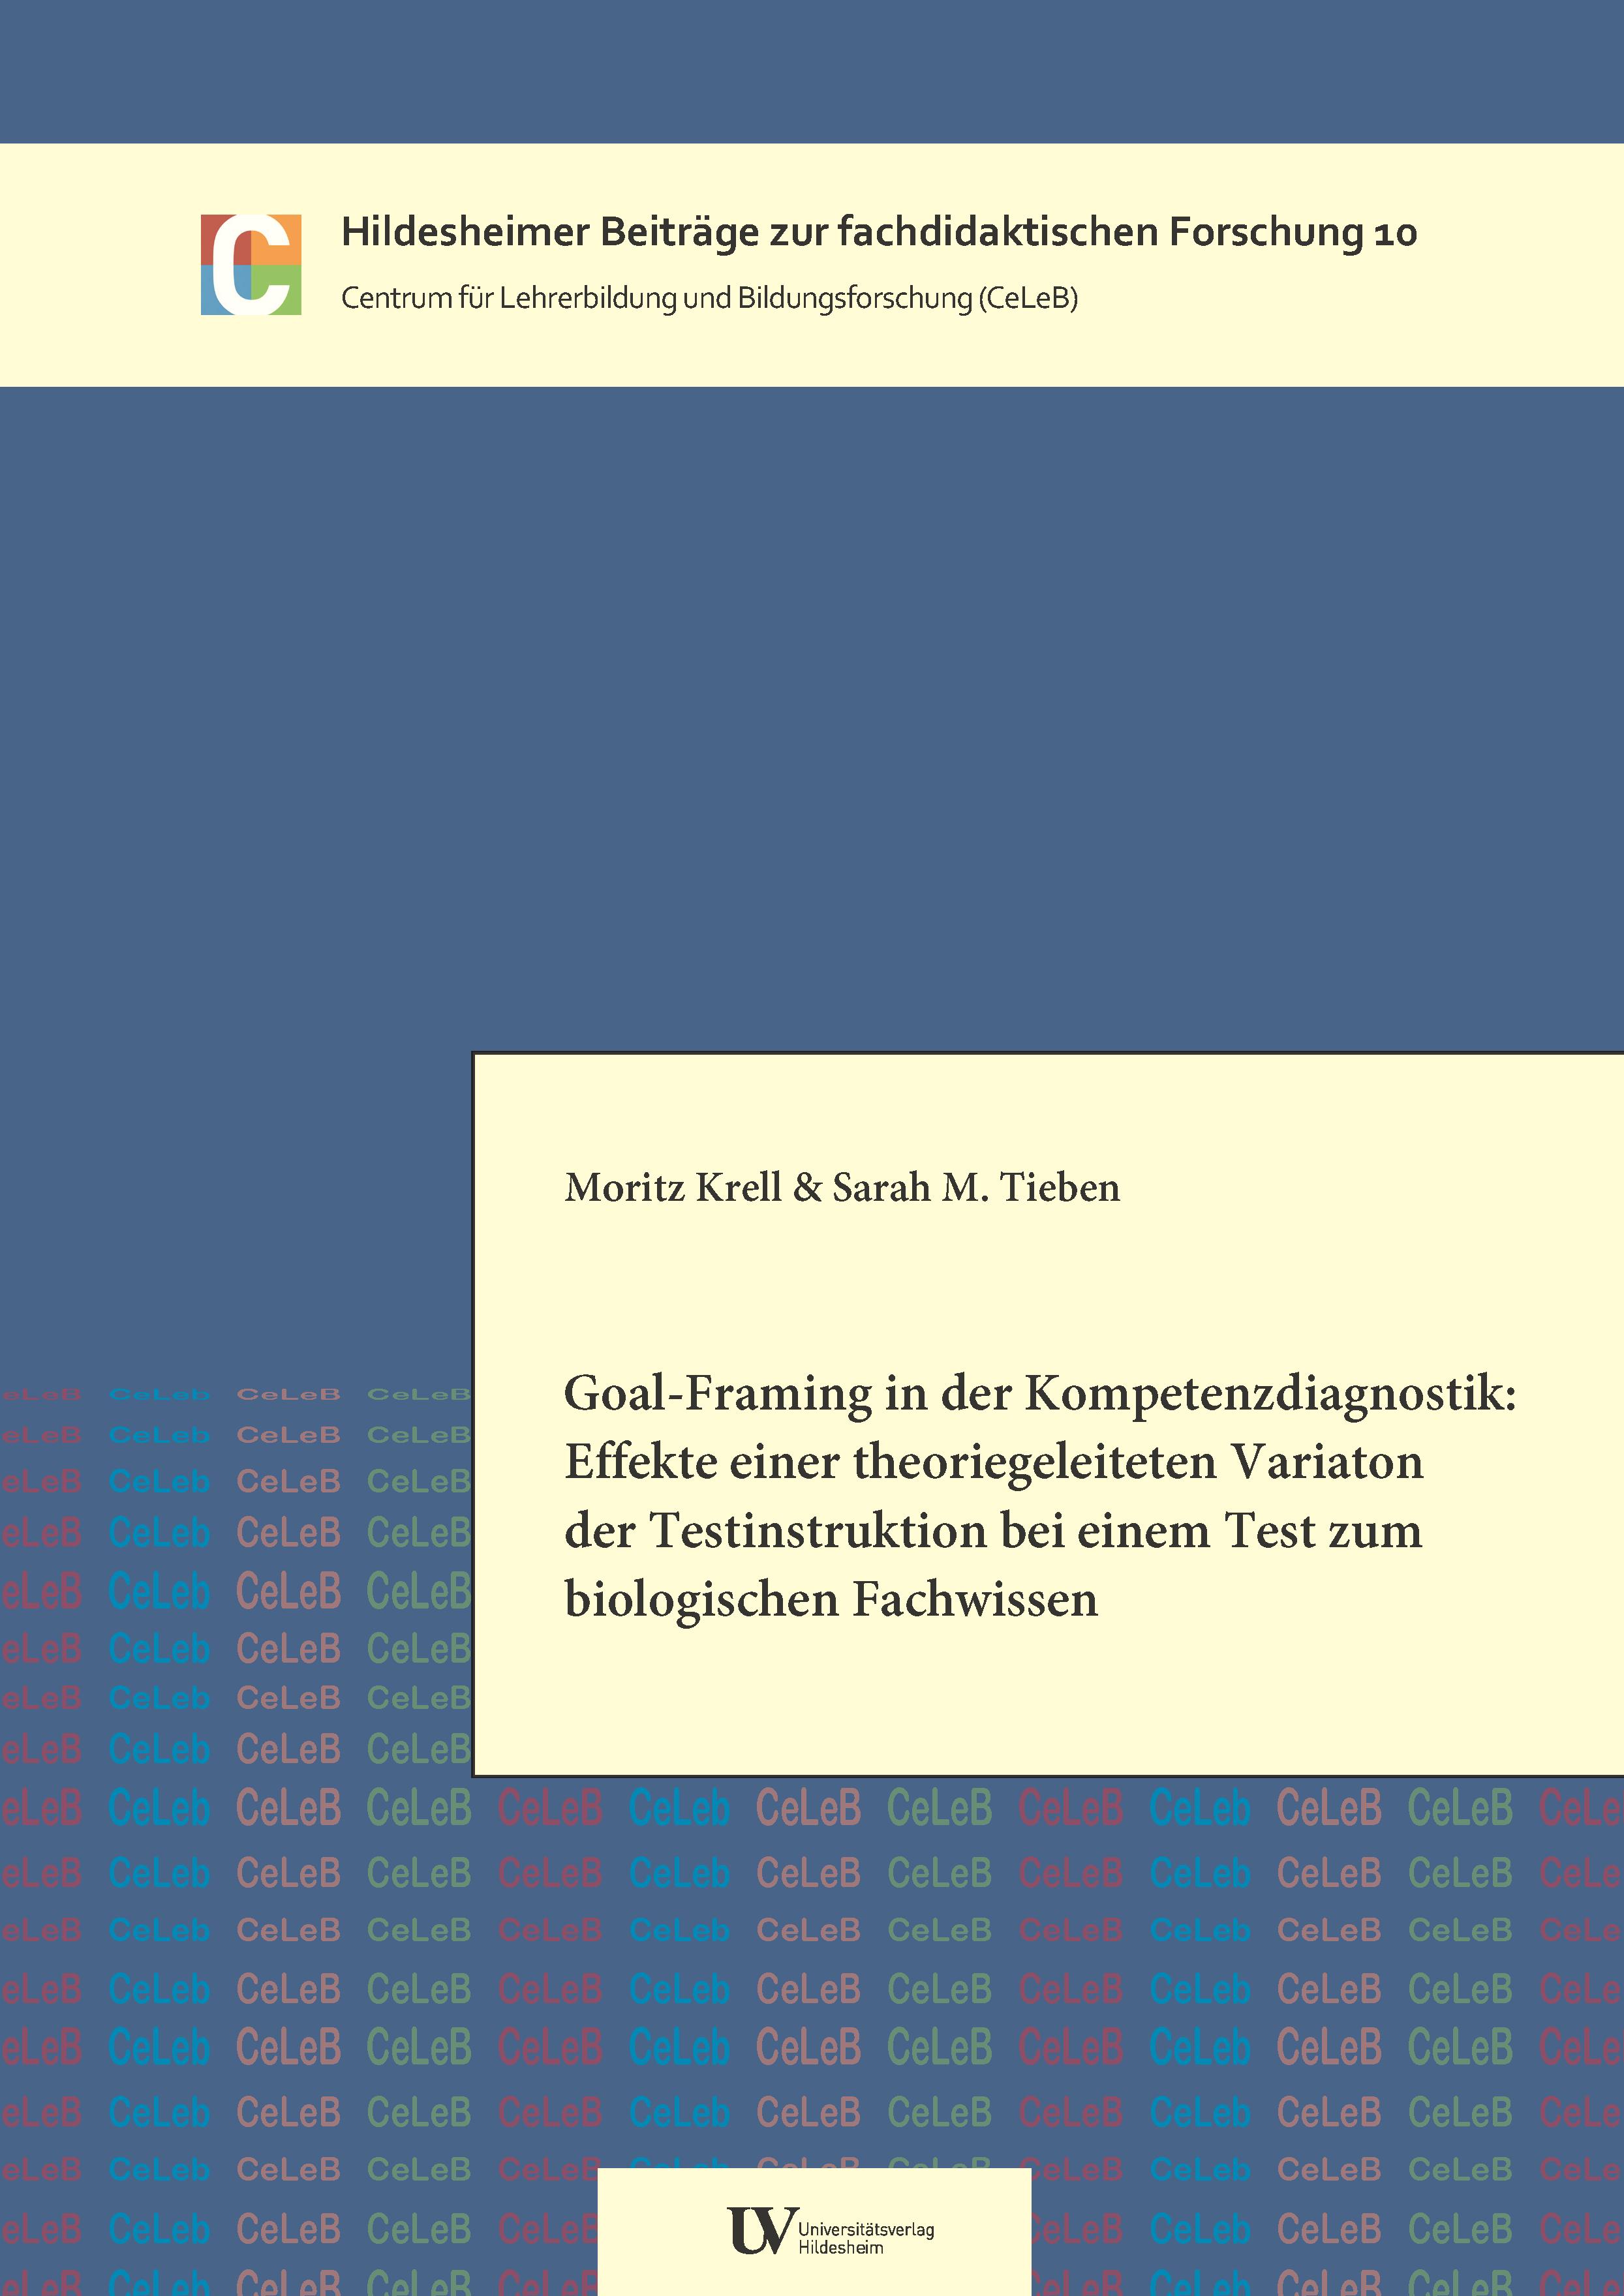 77ddfde1e20f04 Goal-Framing in der Kompetenzdiagnostik: Effekte einer theoriegeleiteten  Variation der Testinstruktion bei einem Test zum biologischen Fachwissen